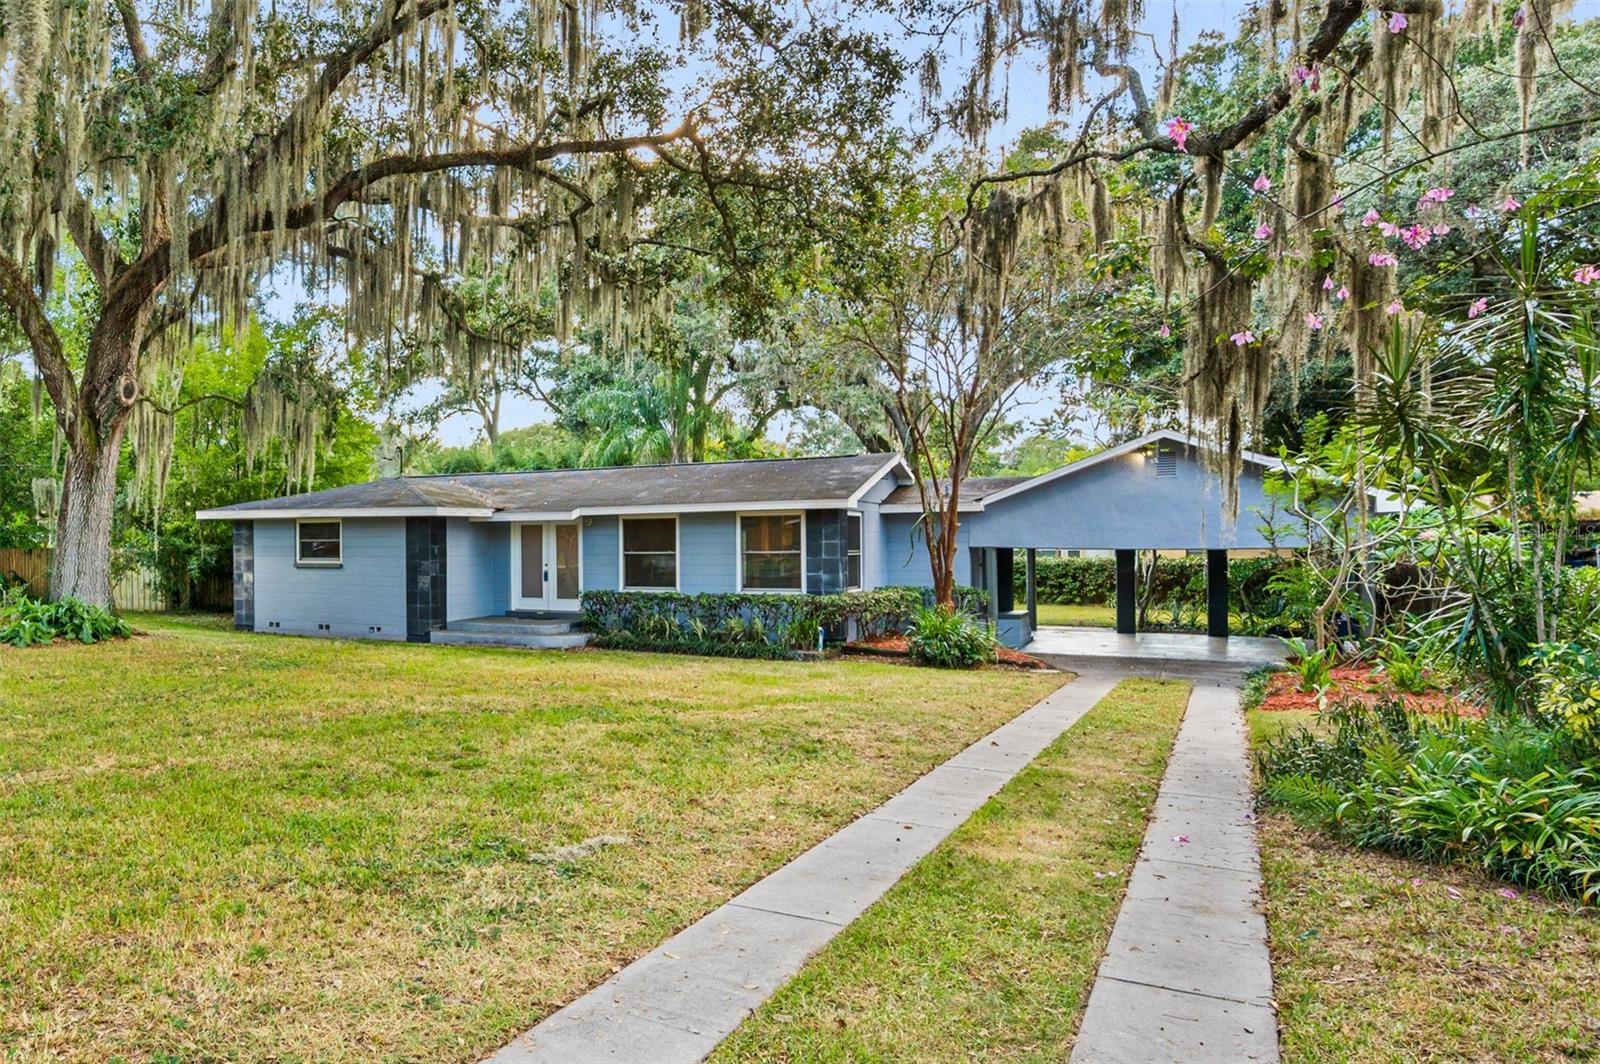 6008 N 19TH STREET, Tampa, FL 33610 - #: U8139961